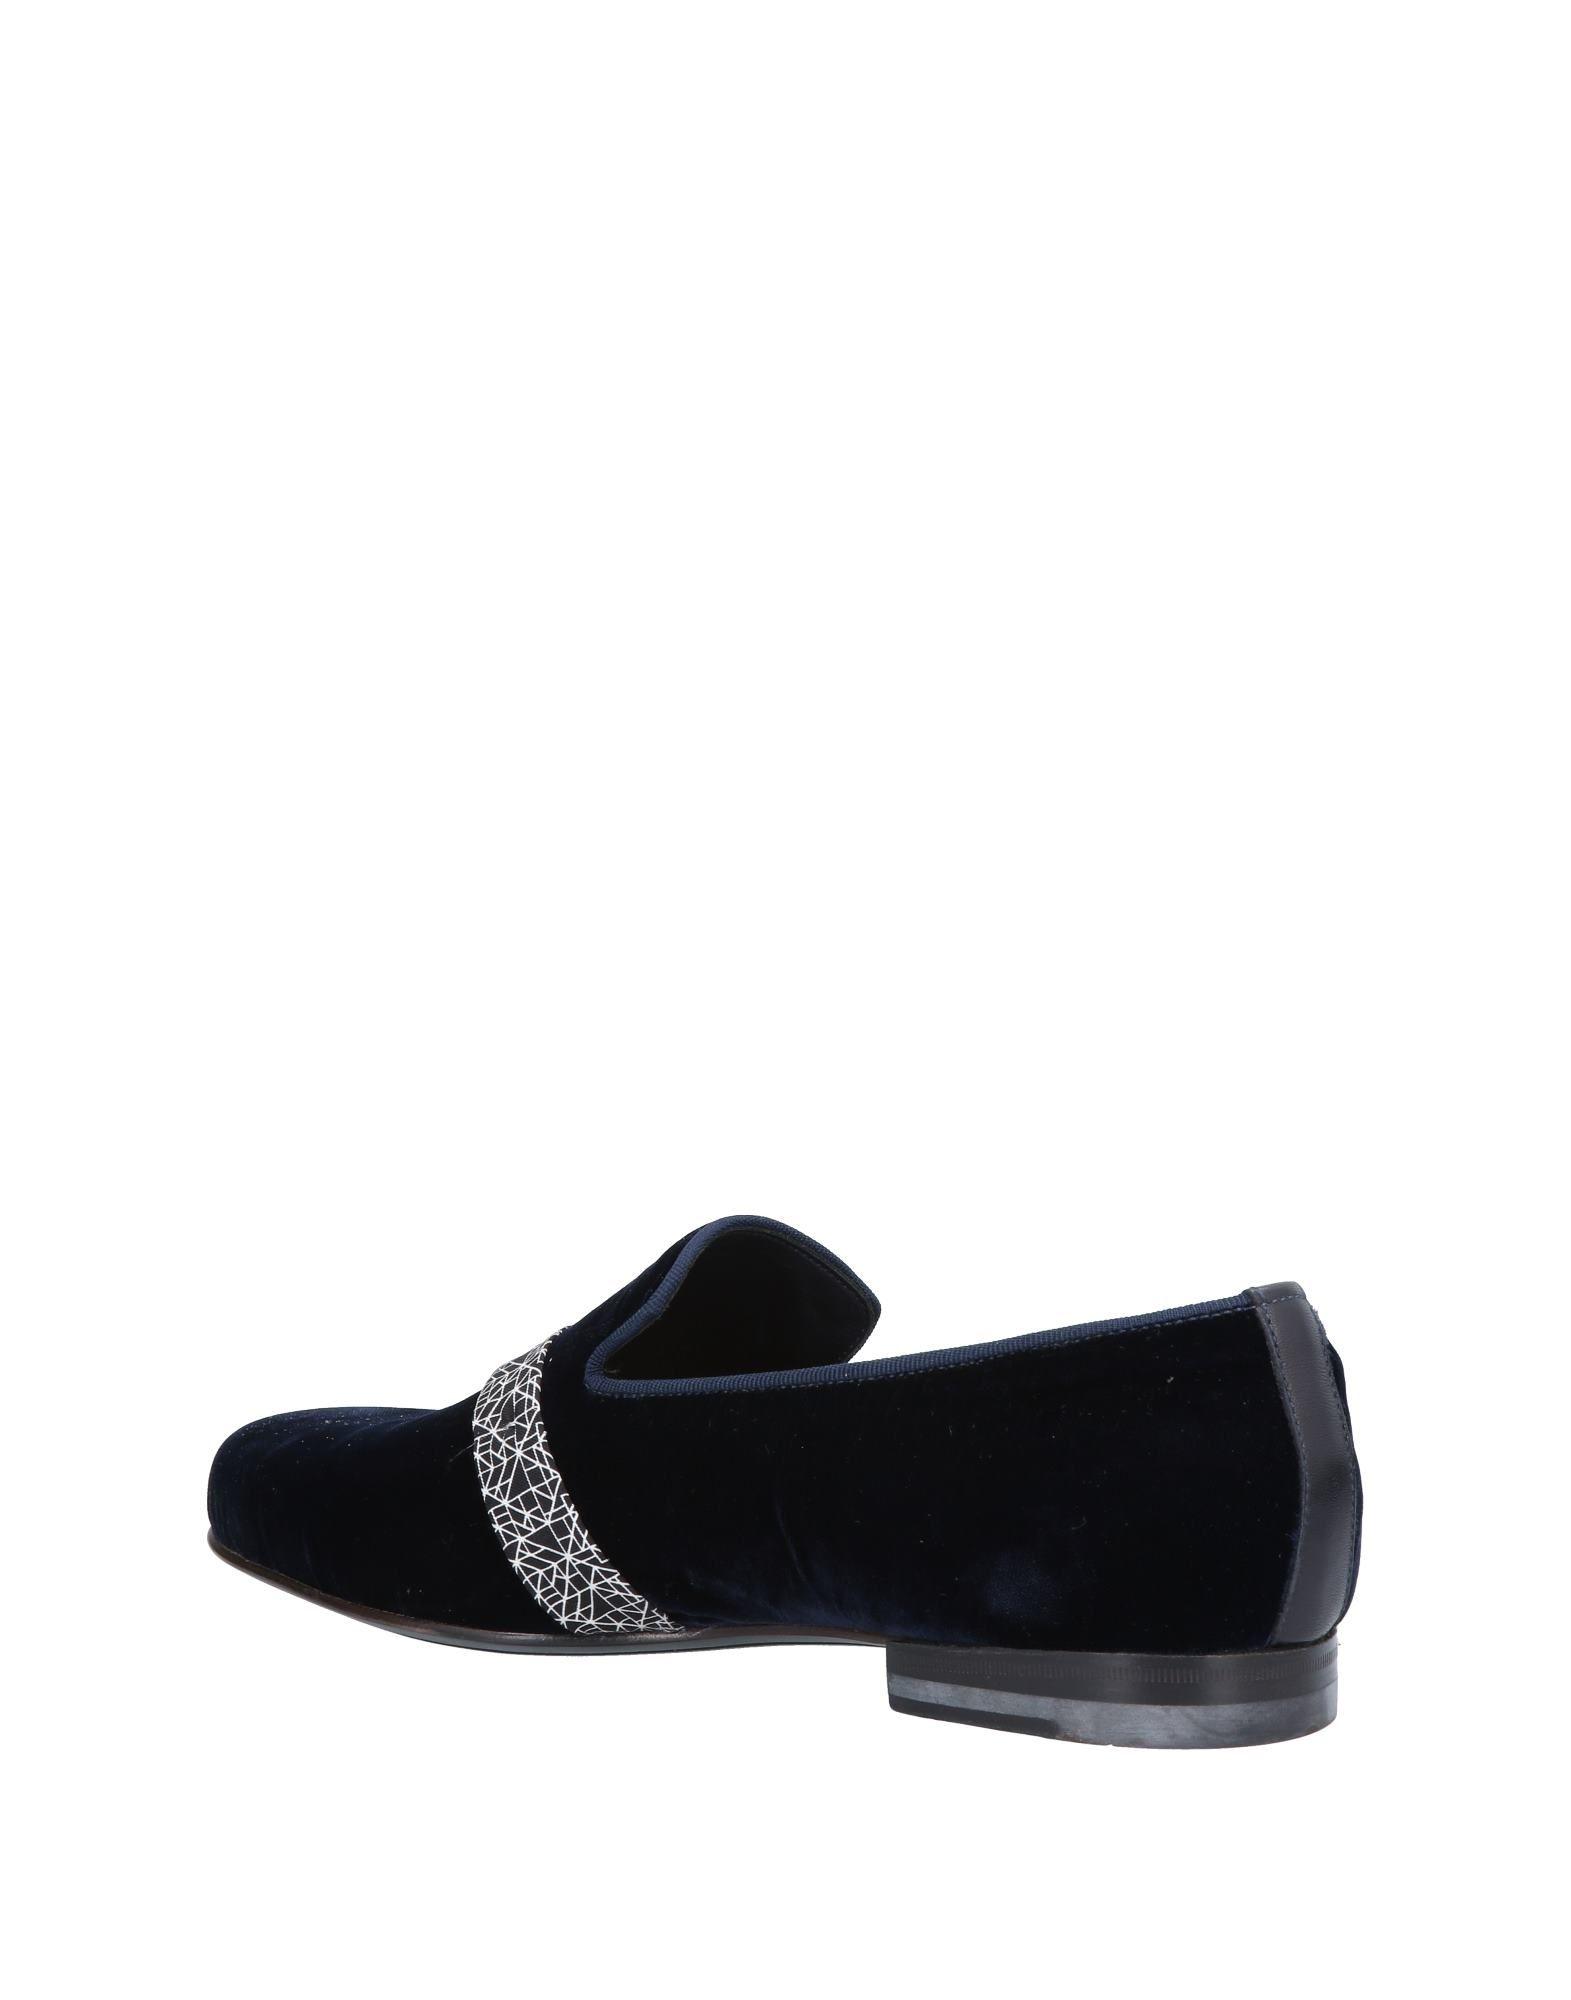 Santoni Mokassins Gute Herren  11488414QM Gute Mokassins Qualität beliebte Schuhe dbbd3d